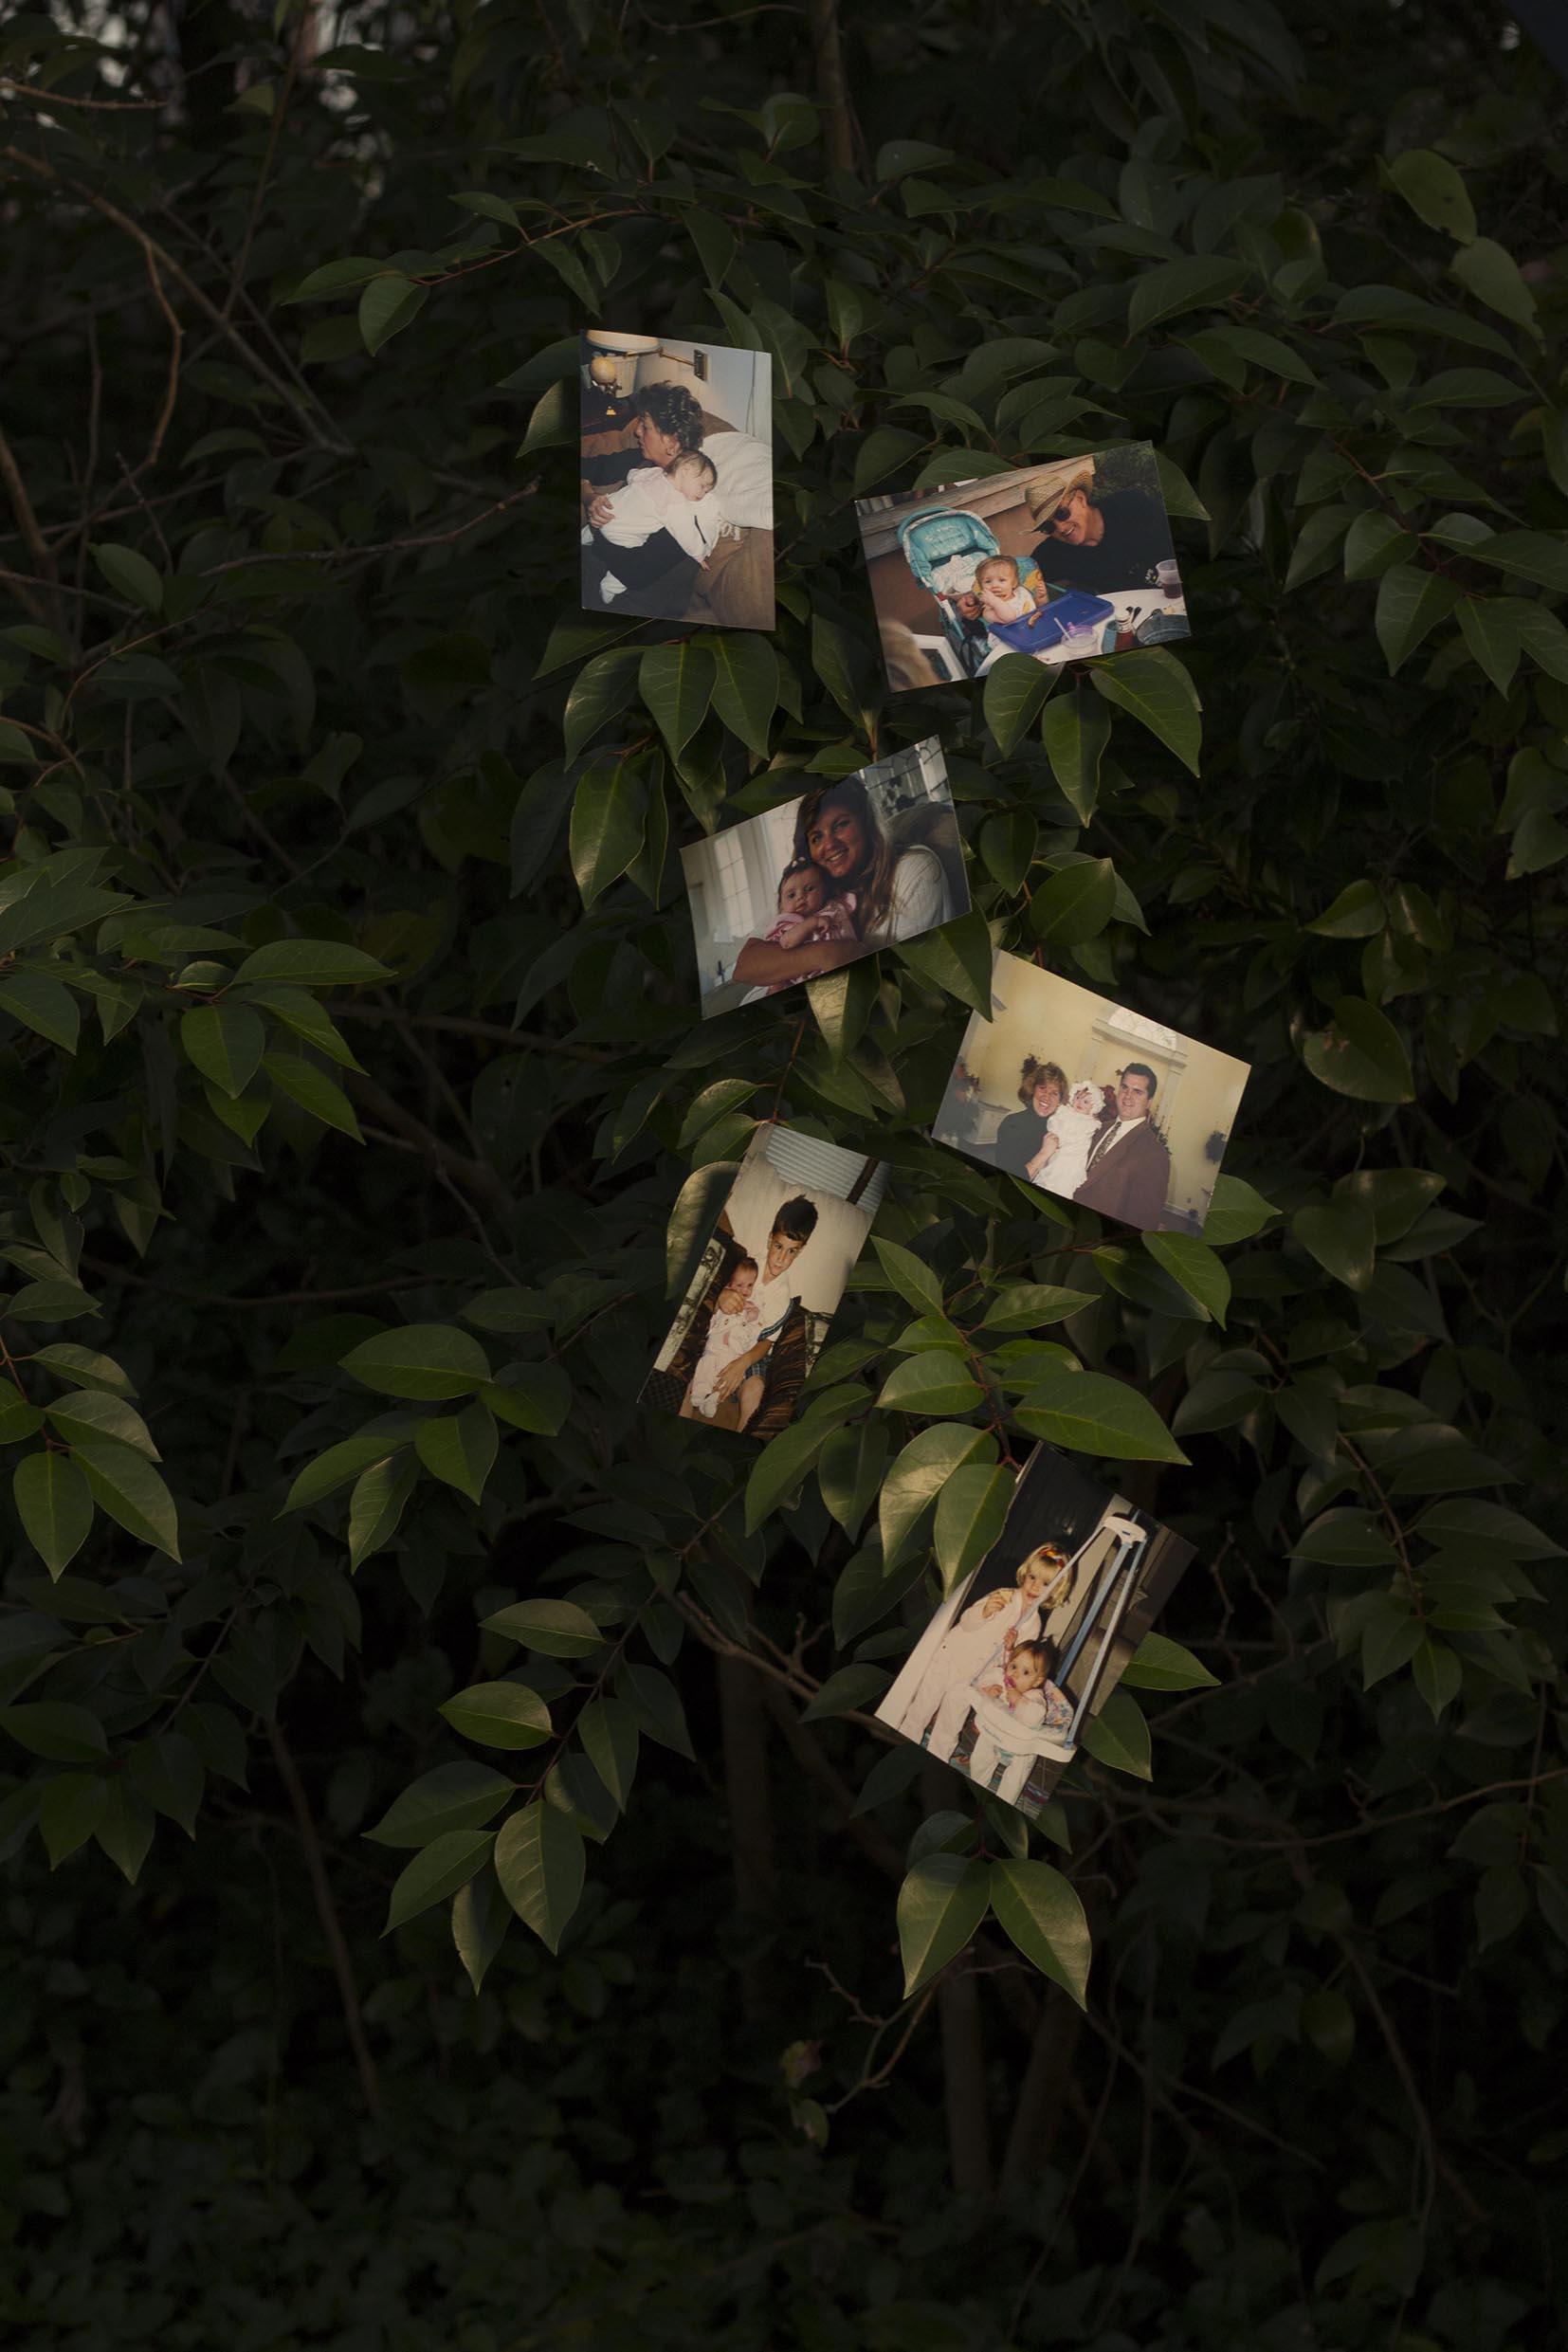 Family Tree, 2019 - © Alyssa Thorn